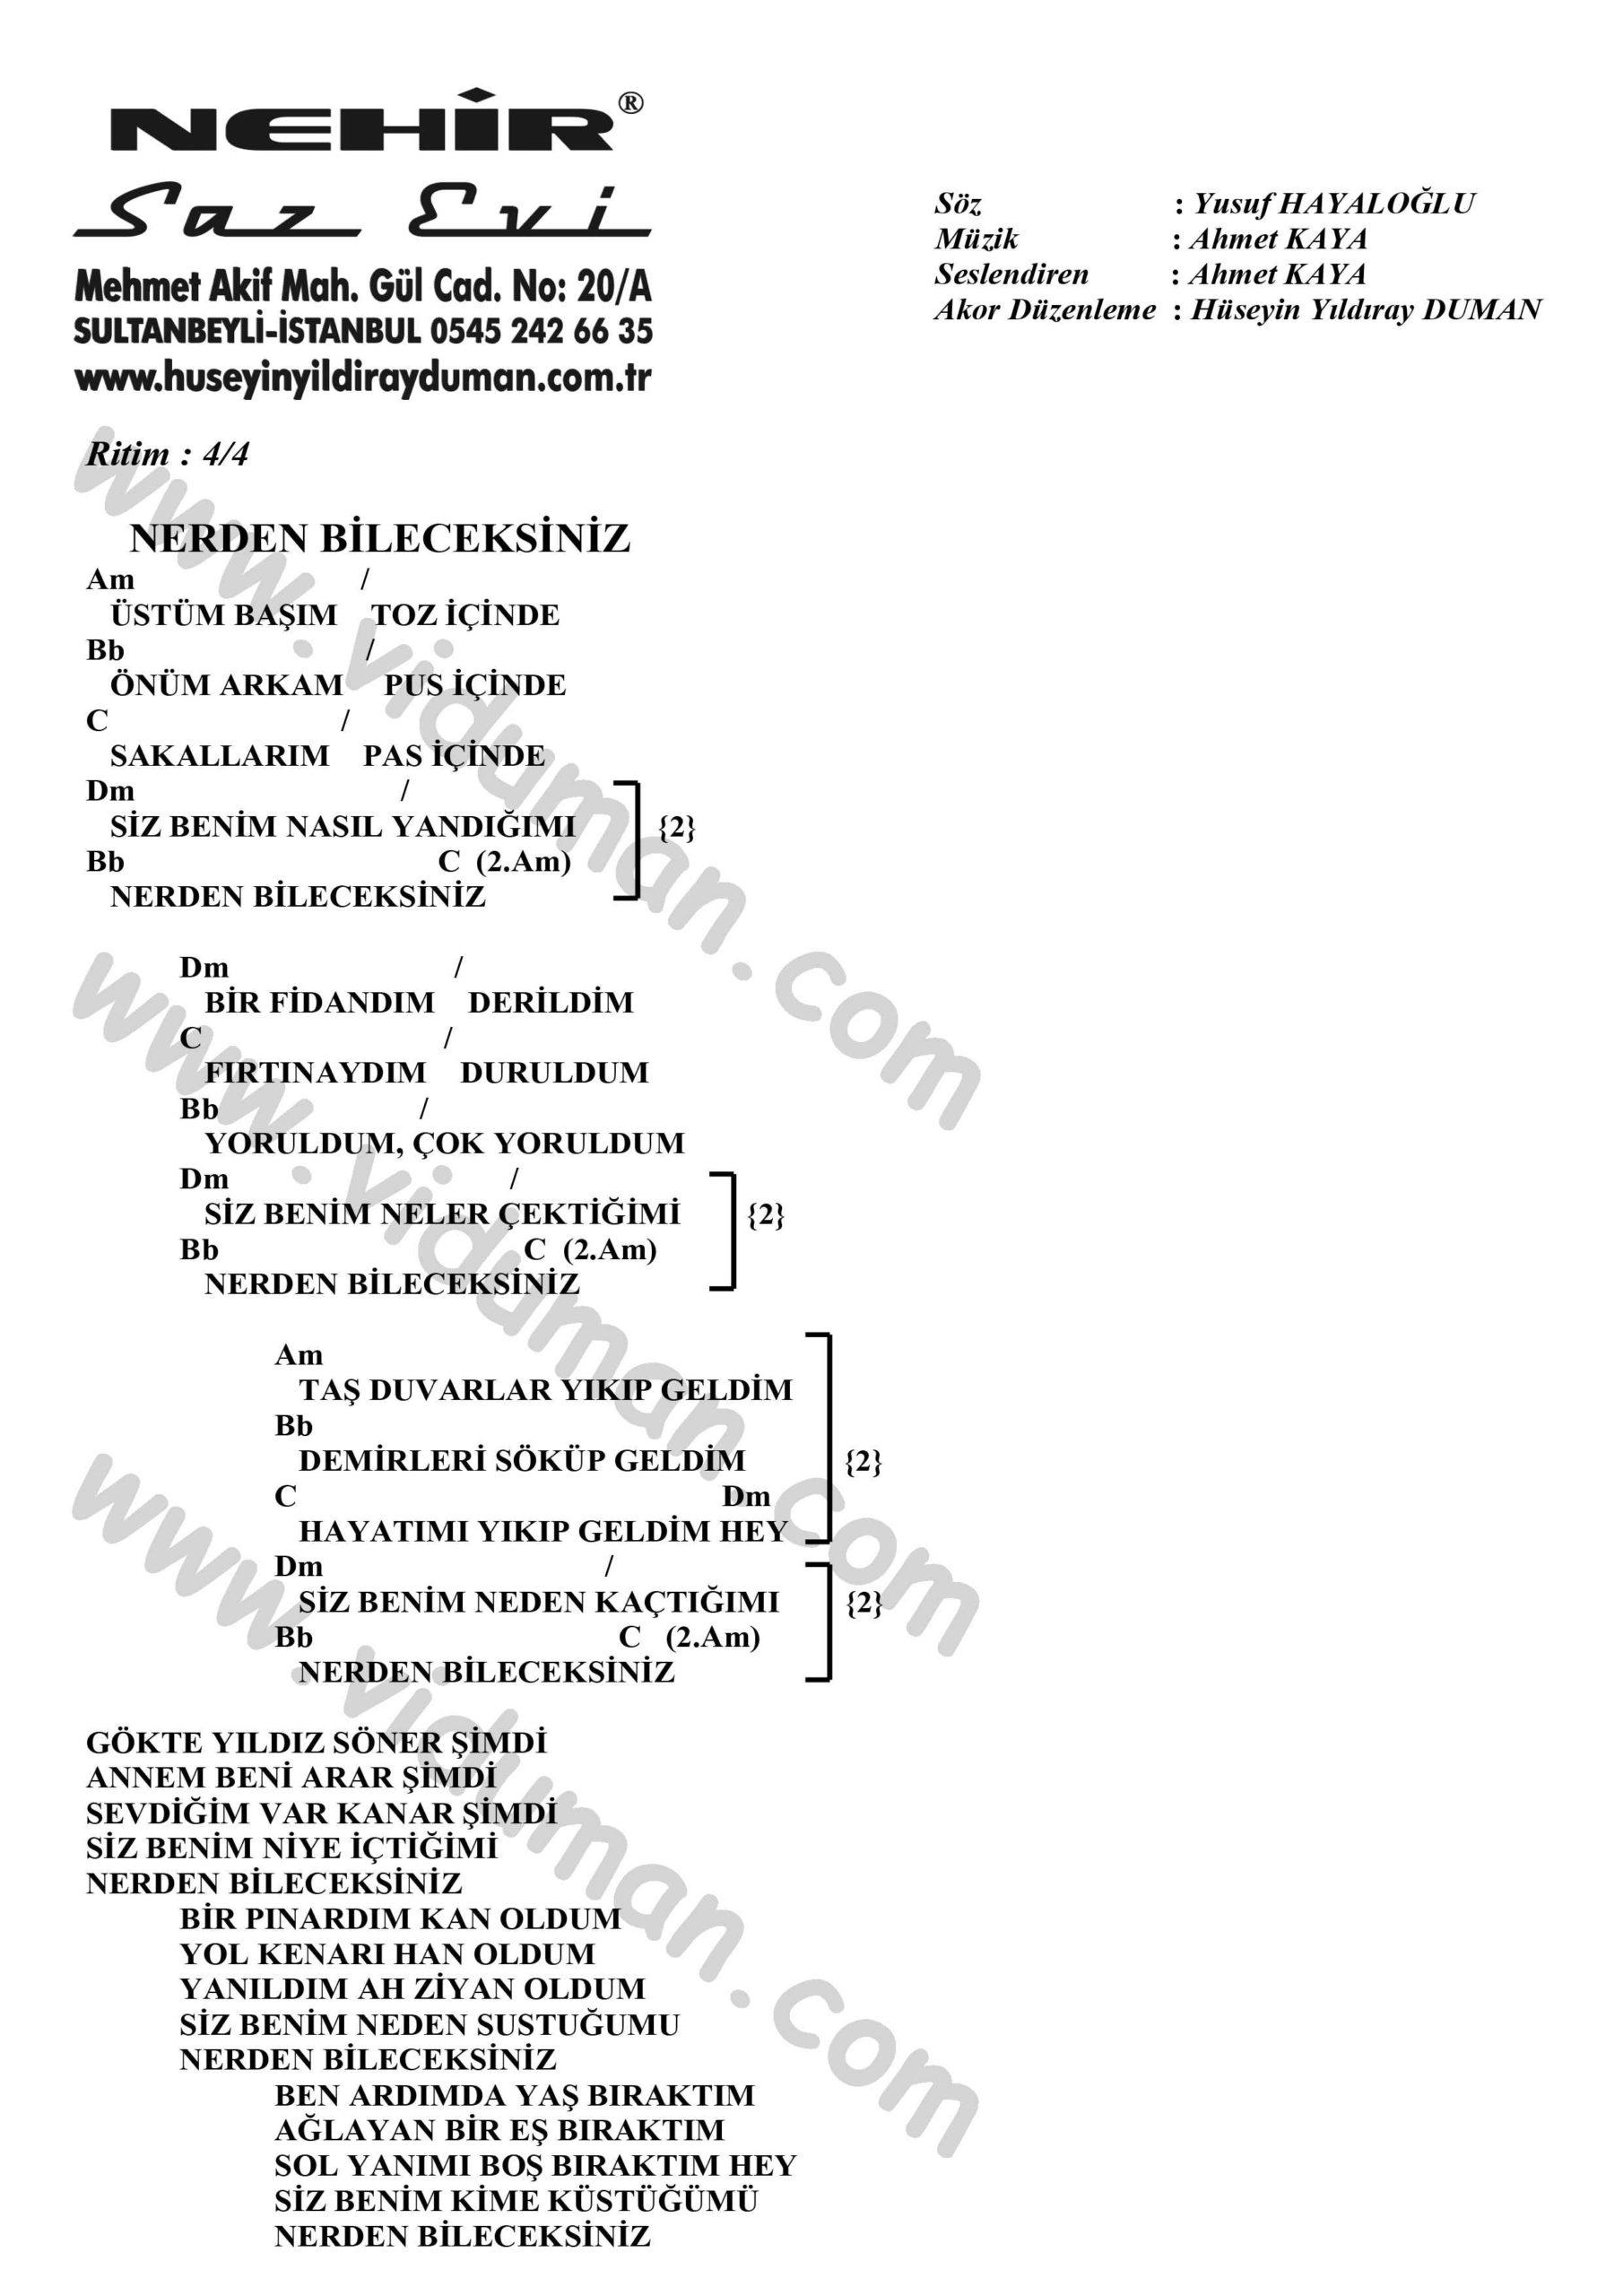 Nerden Bileceksiniz-Ahmet Kaya-Ritim-Gitar-Akorlari